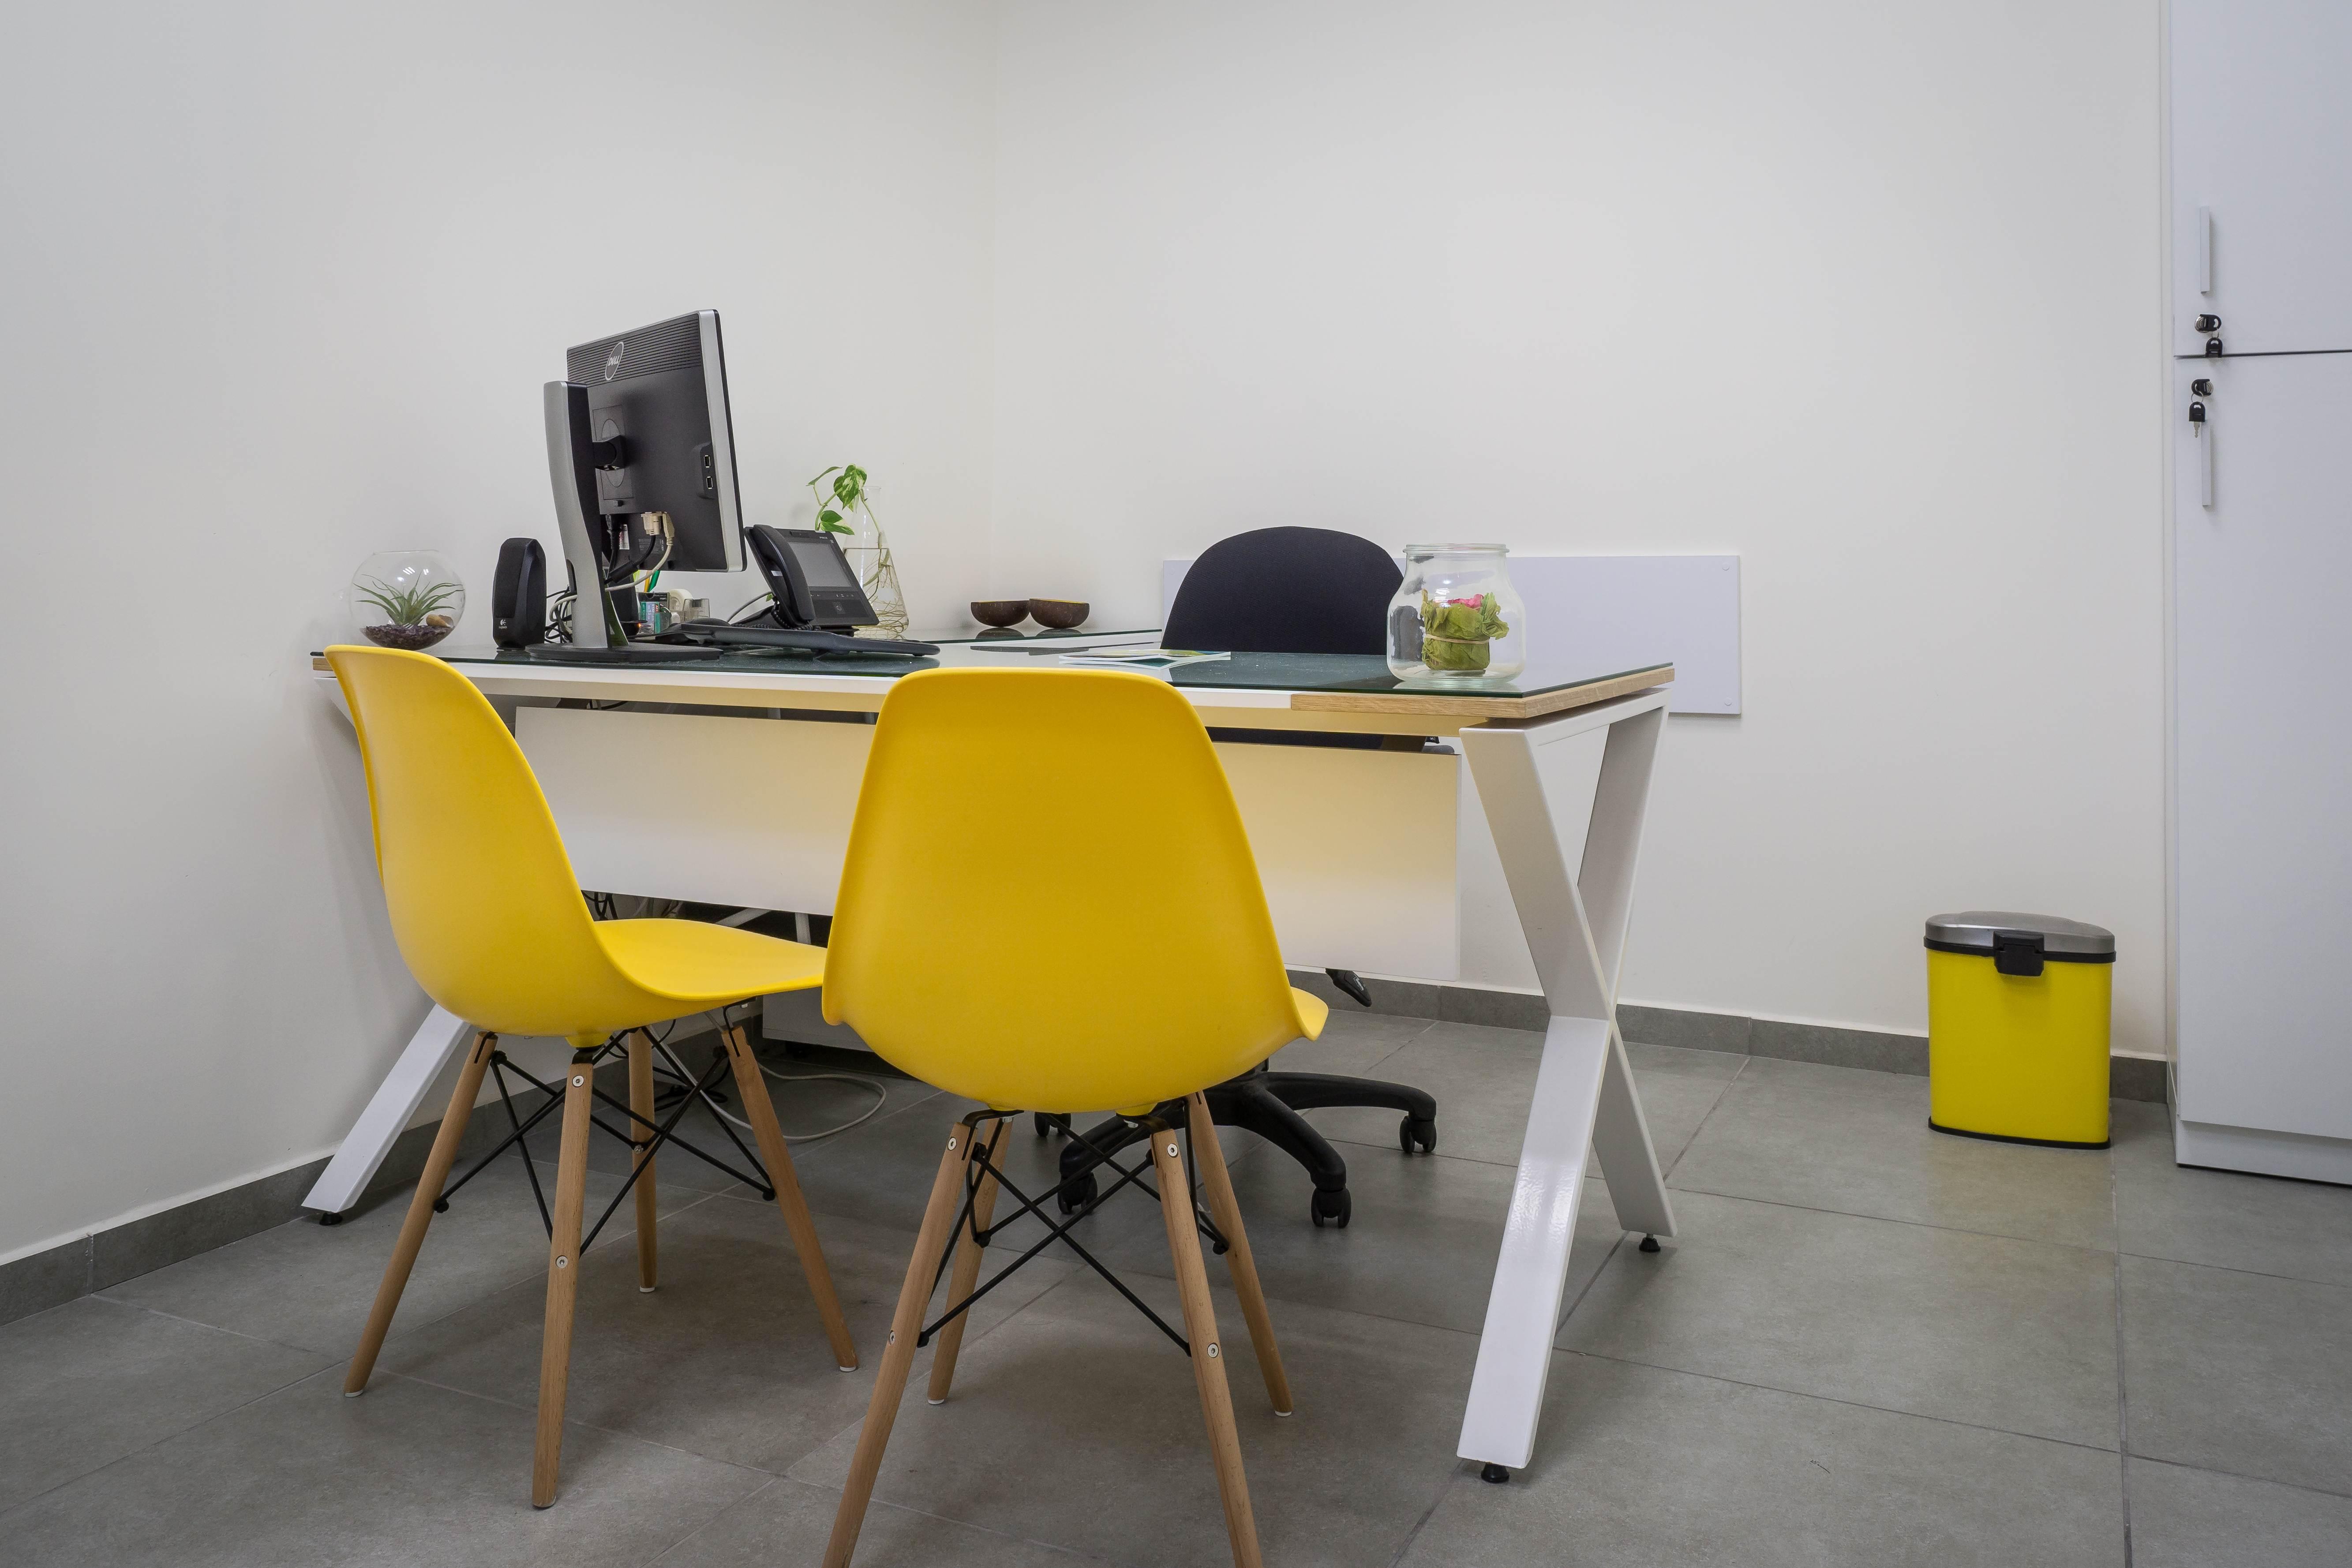 עיצוב משרד עם כסאות איימס